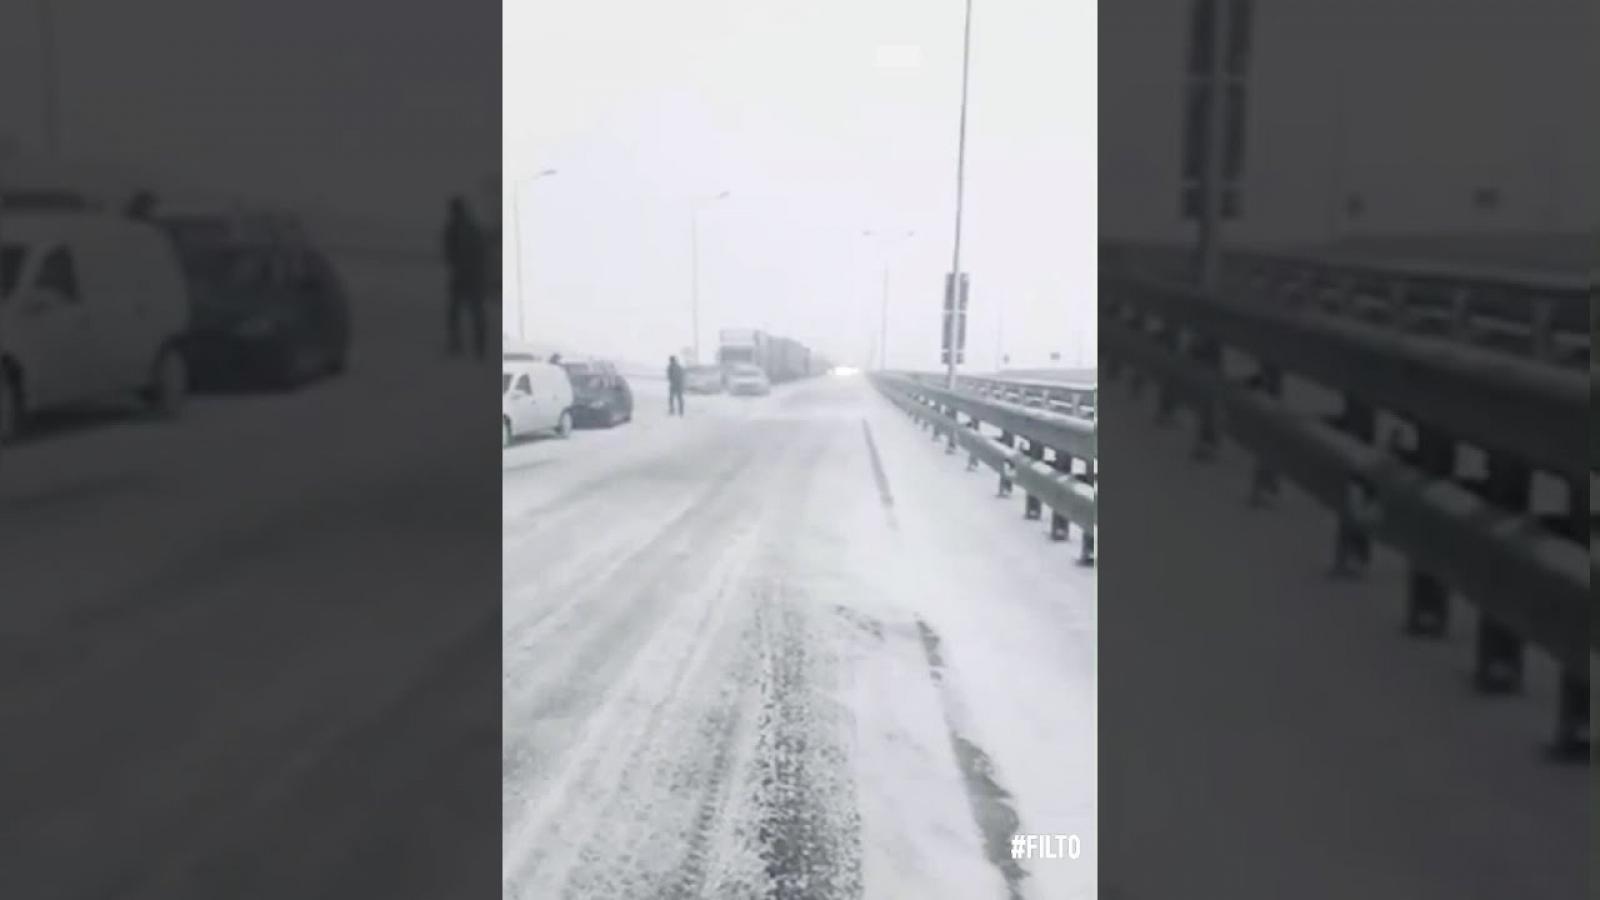 Cây cầu dài nhất châu Âu lần đầu tiên phải đóng cửa vì bão tuyết, hàng trăm xe kẹt cứng